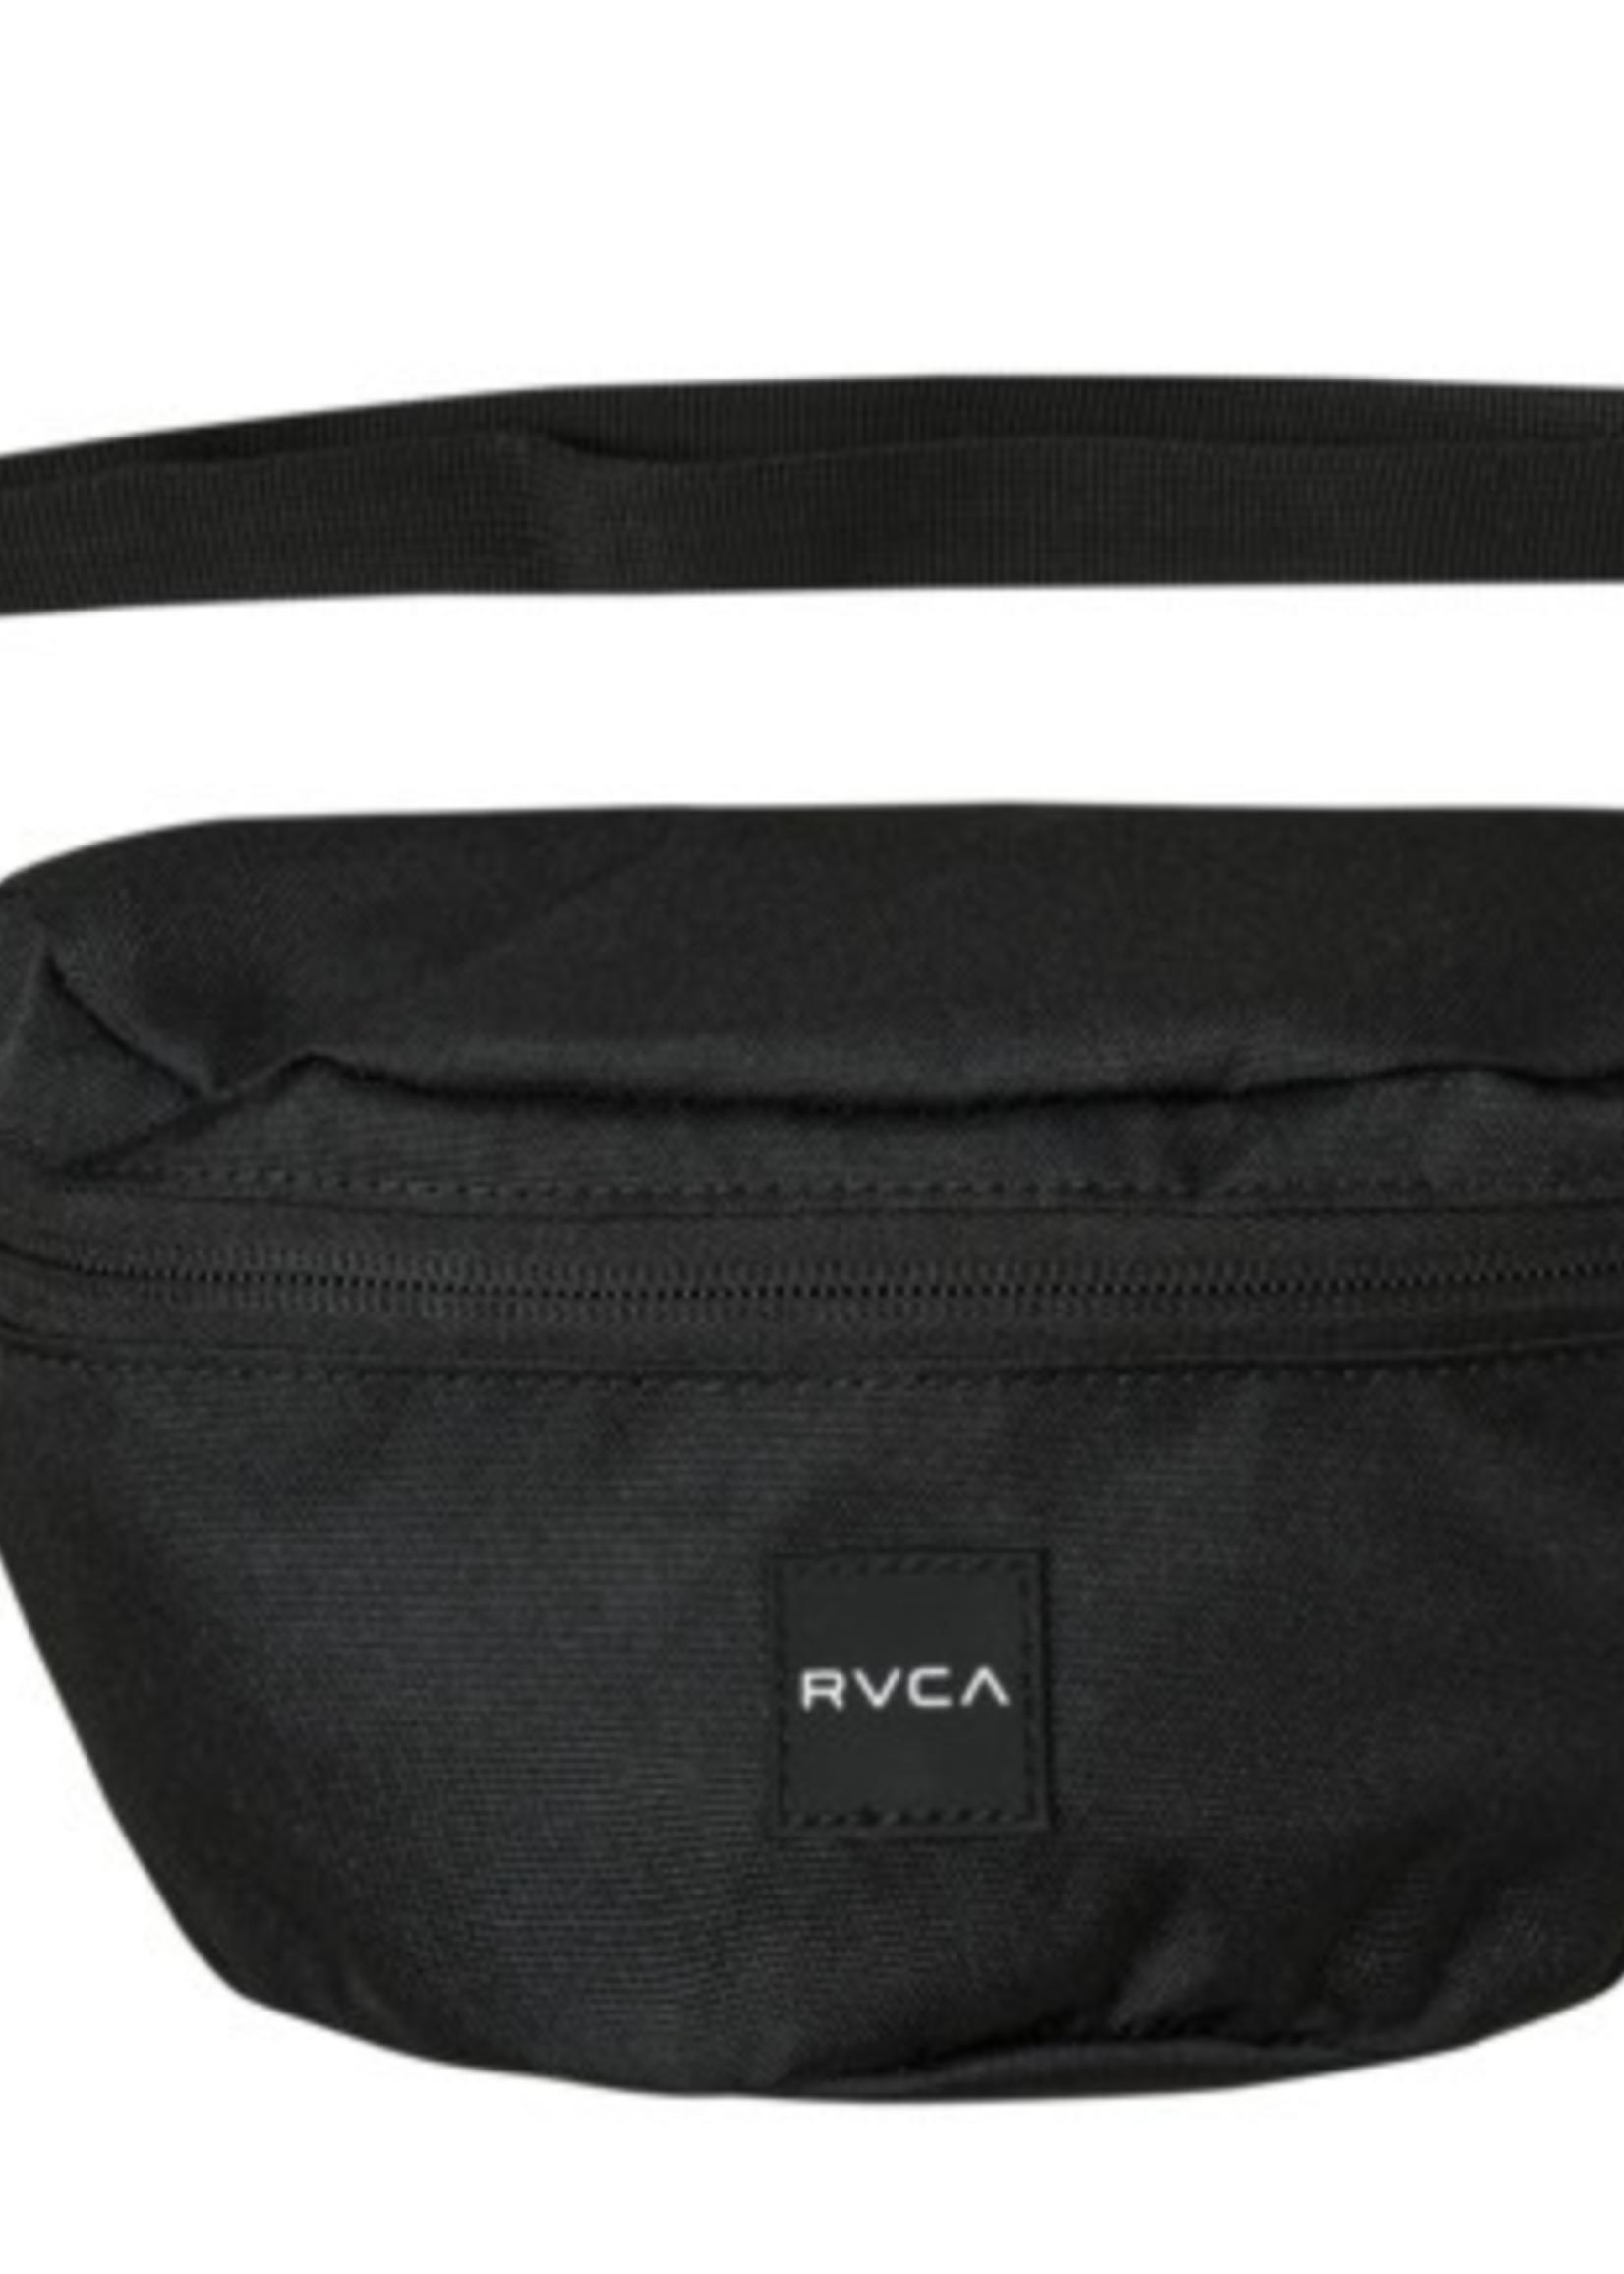 rvca rvca waist pack II